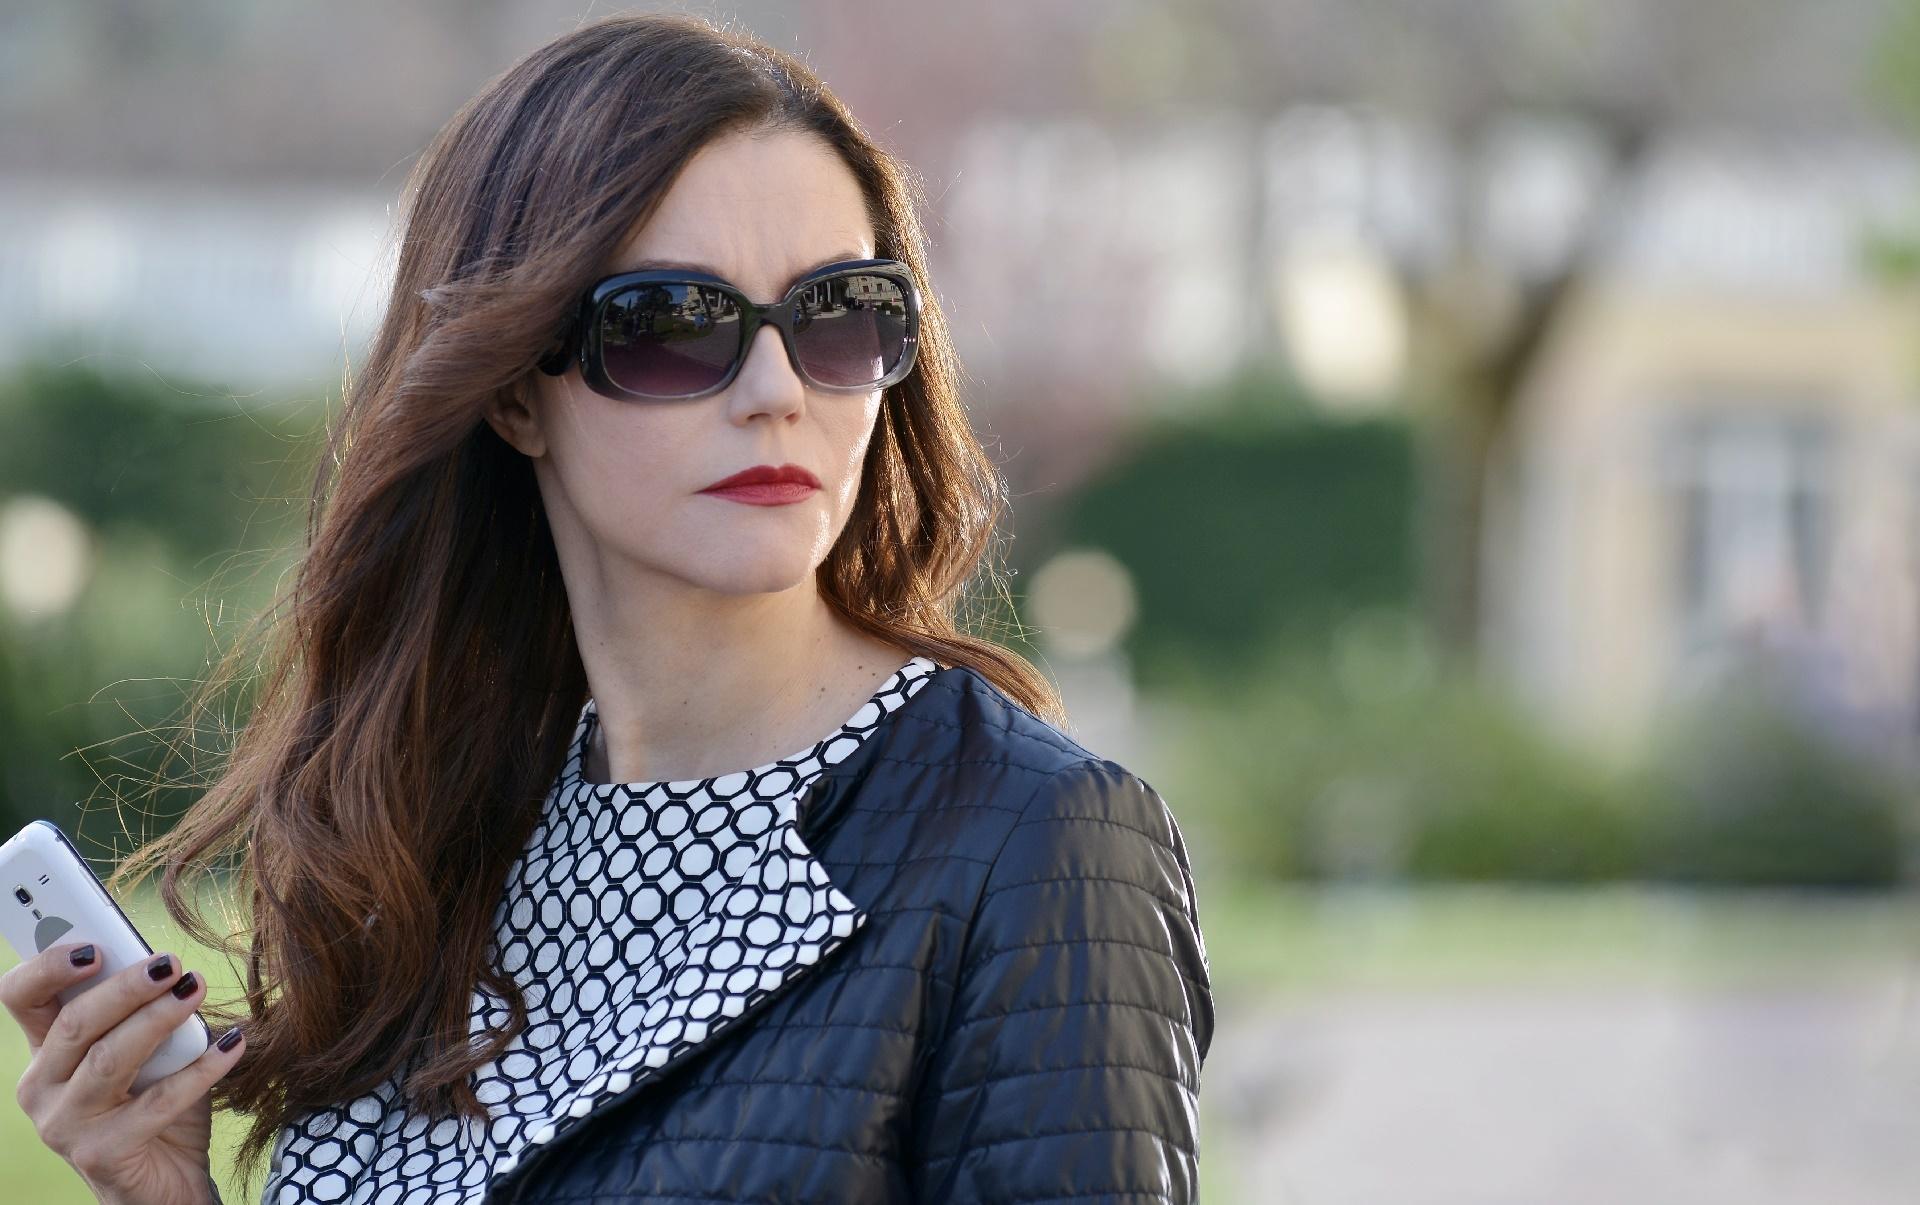 Il bello delle donne: l'attrice Alessandra Martines